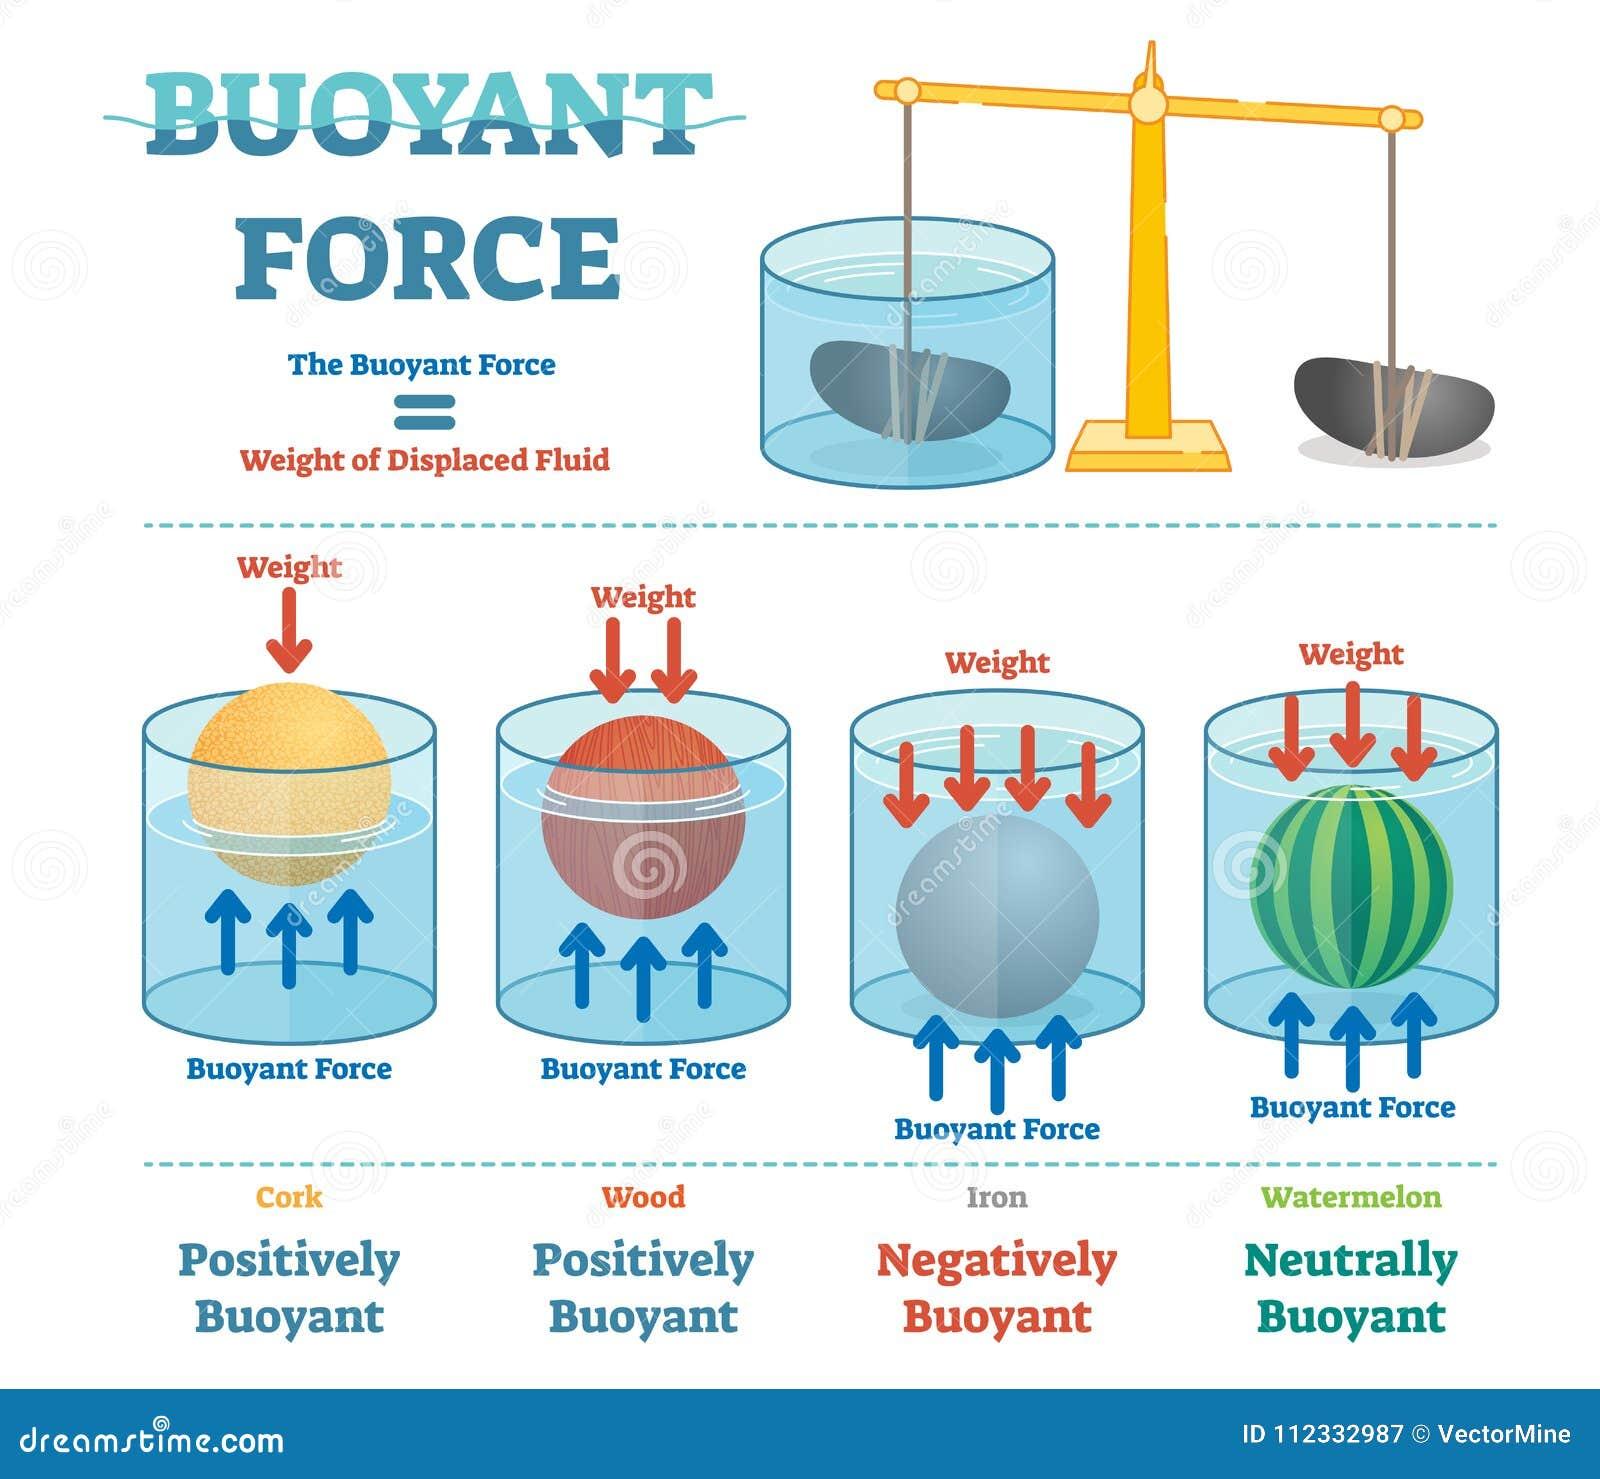 Buoyant force, illustrative educational physics diagram.